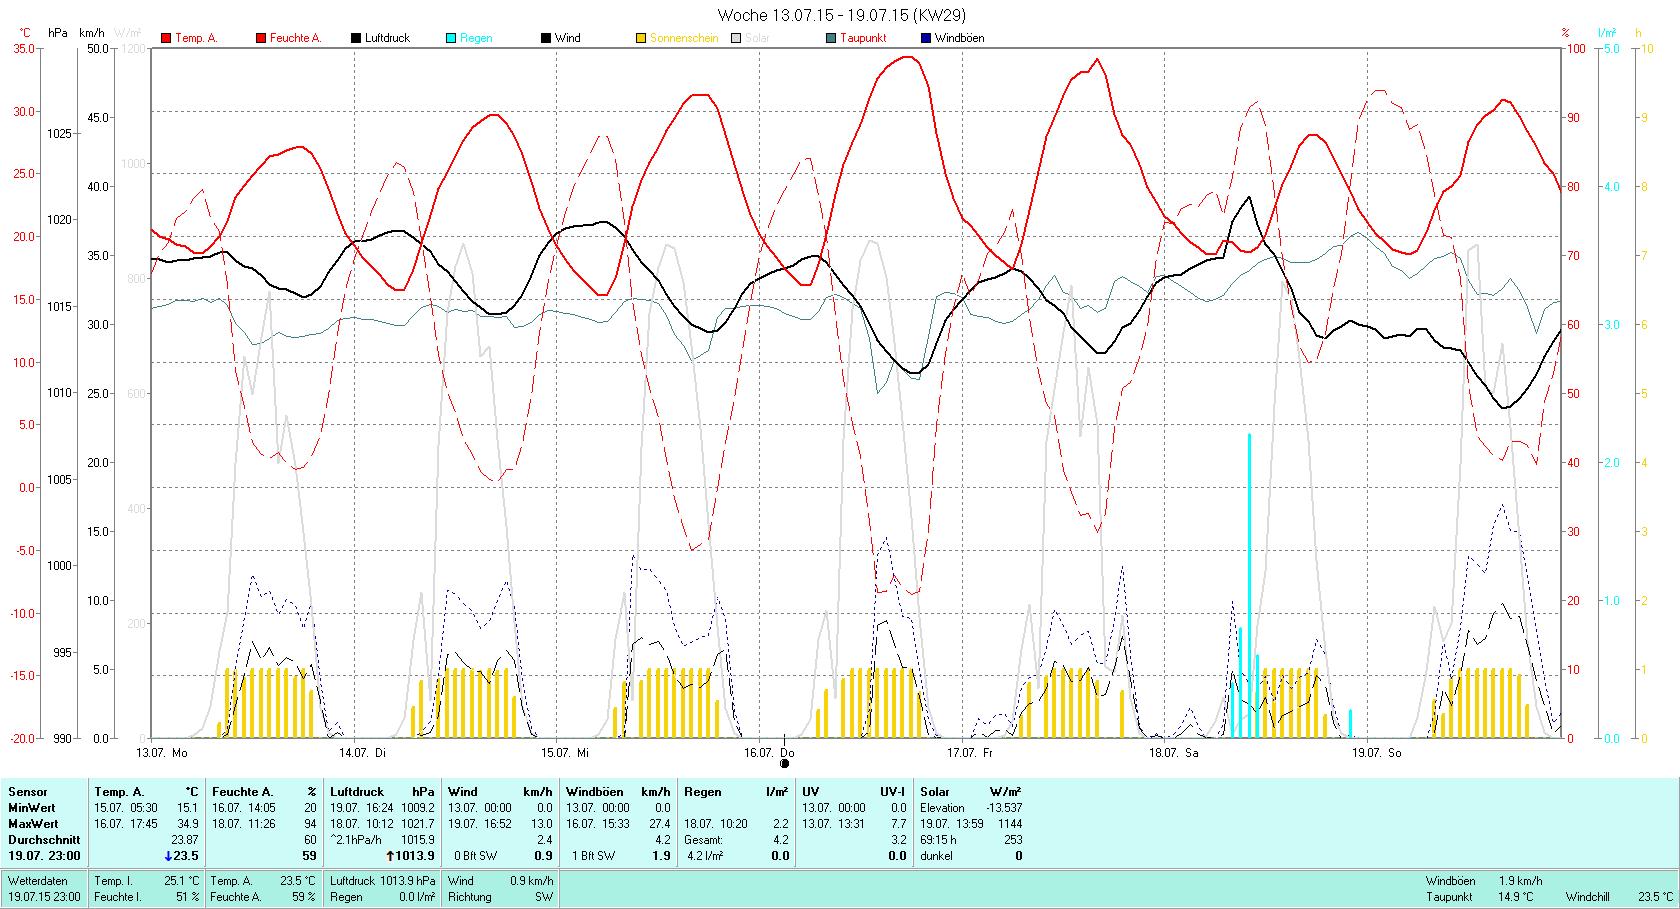 KW 29 Tmin 15.1°C, Tmax 34.9°C, Sonne 69.15h, Niederschlag 4.2mm/2